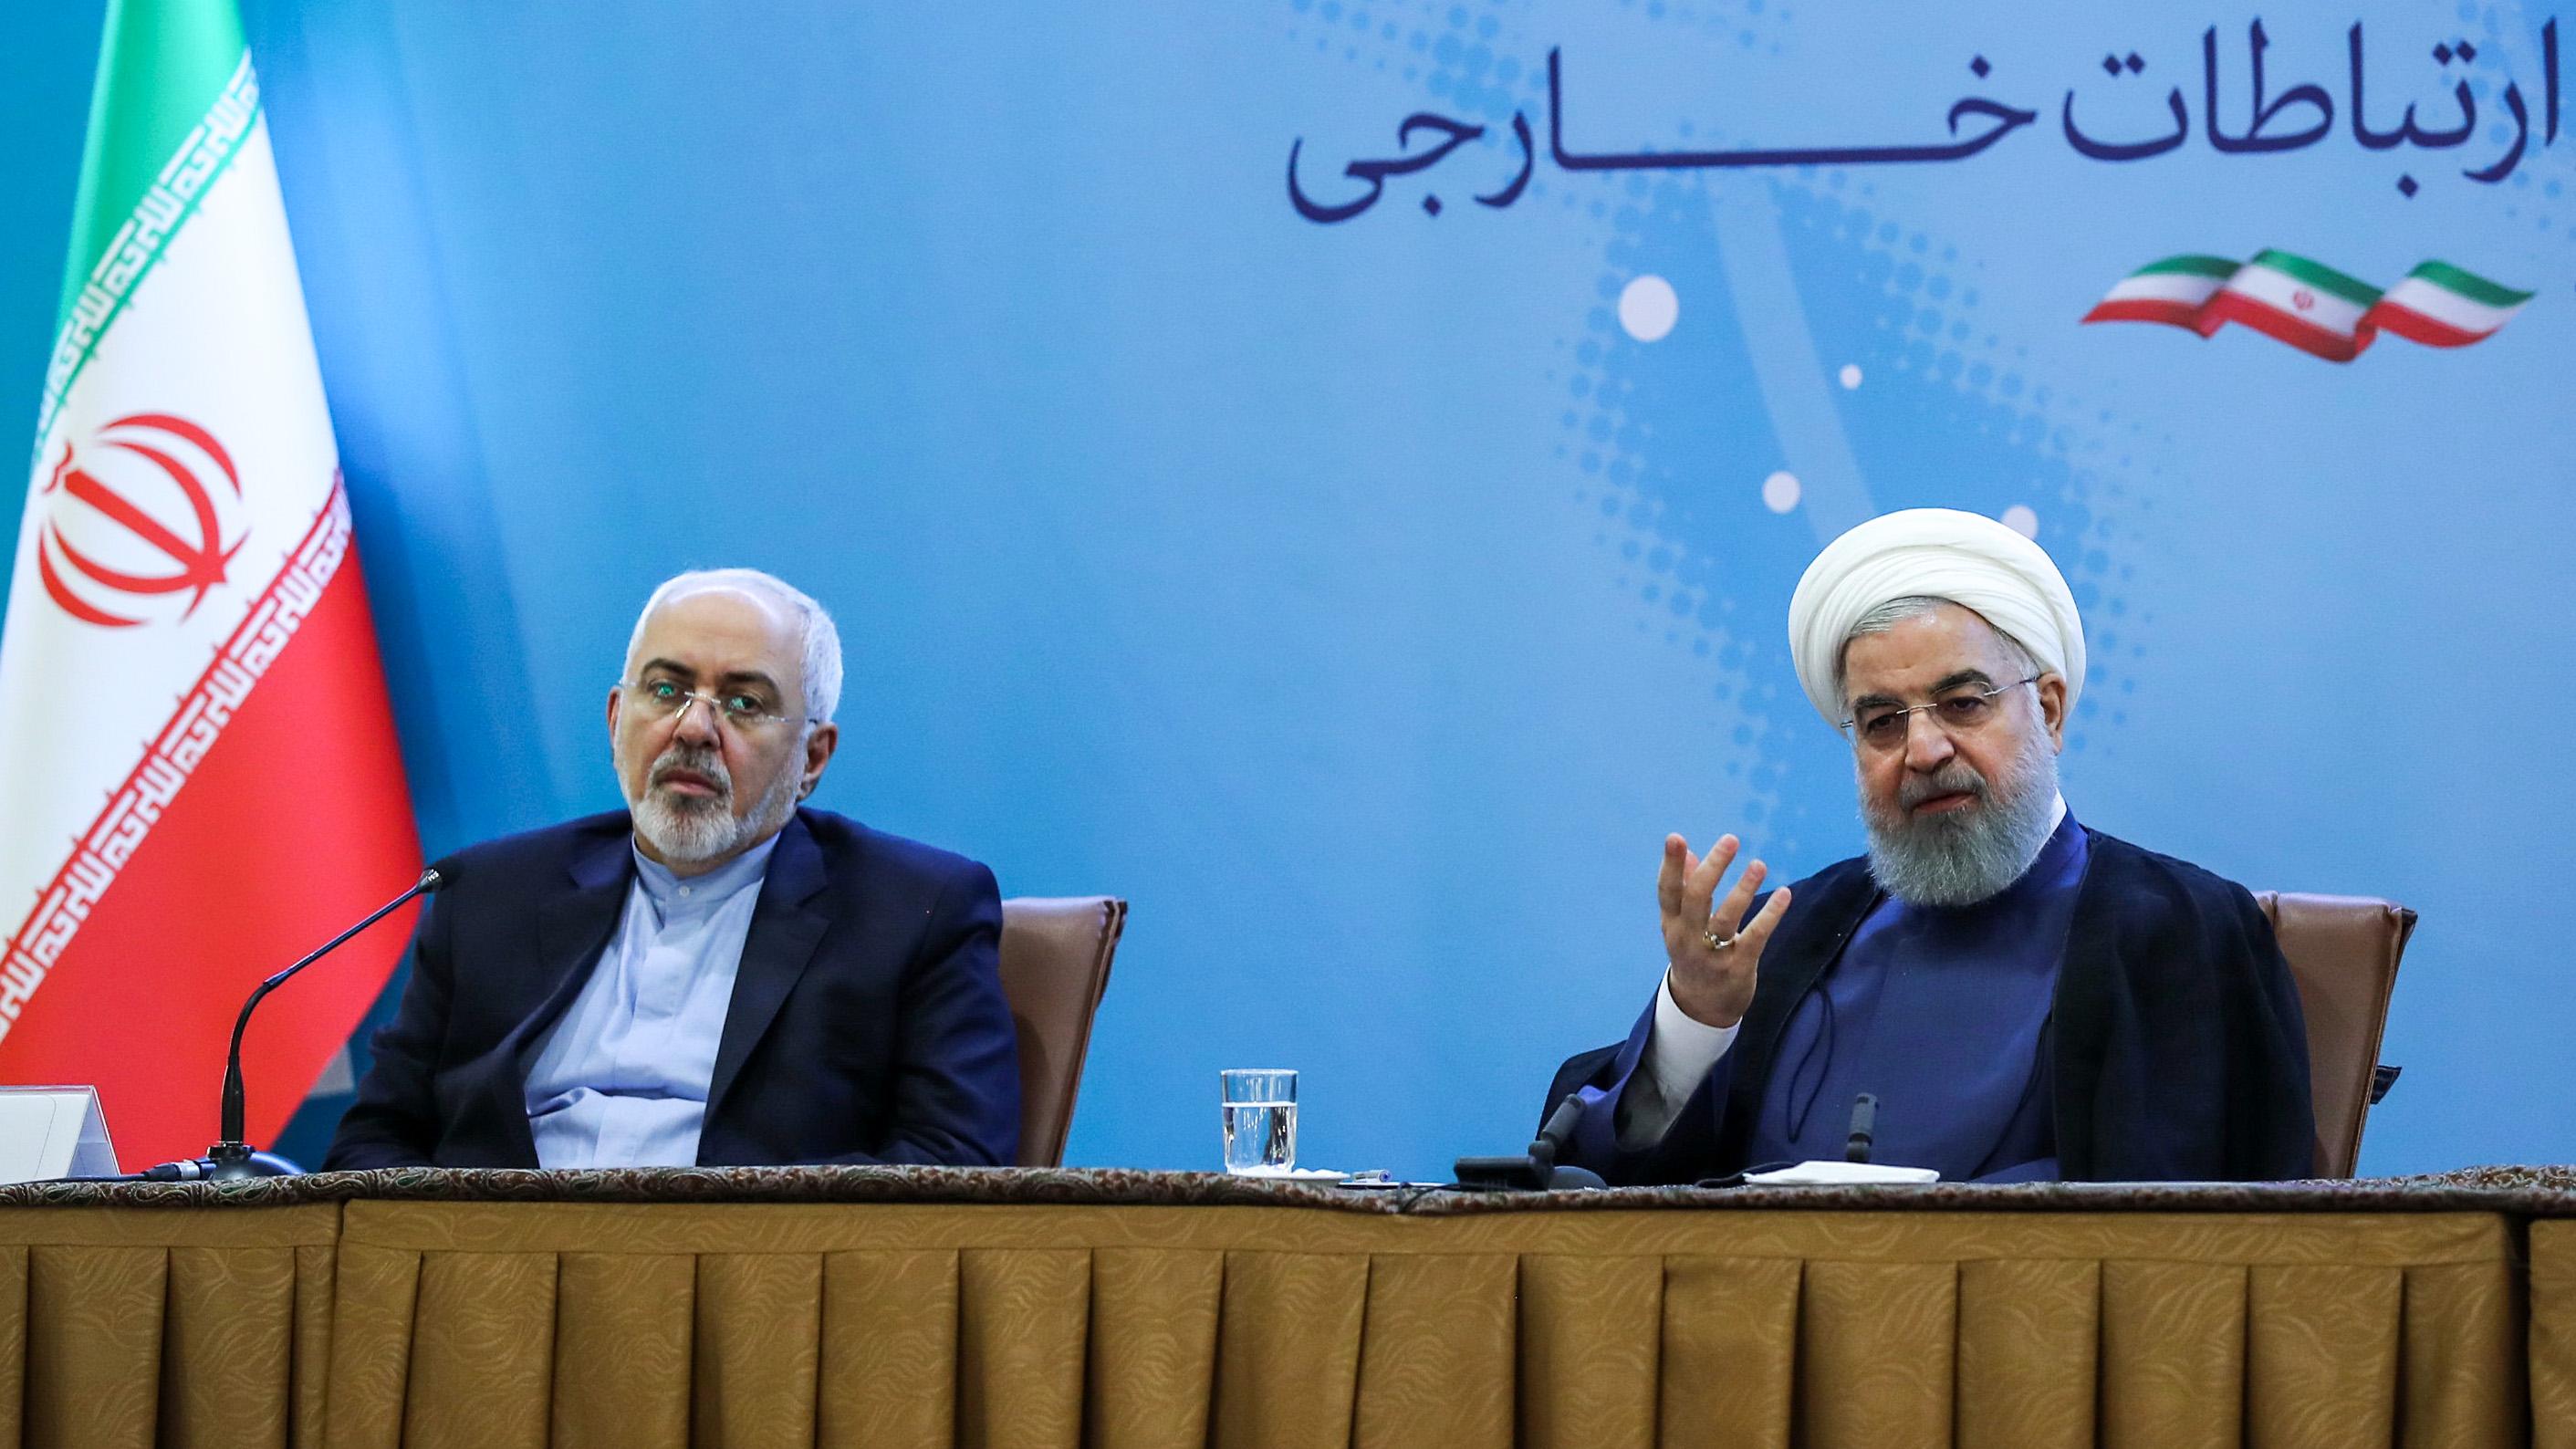 Az iráni elnök szerint az amerikai szankciók gazdasági és egészségügyi terrorizmussal érnek fel